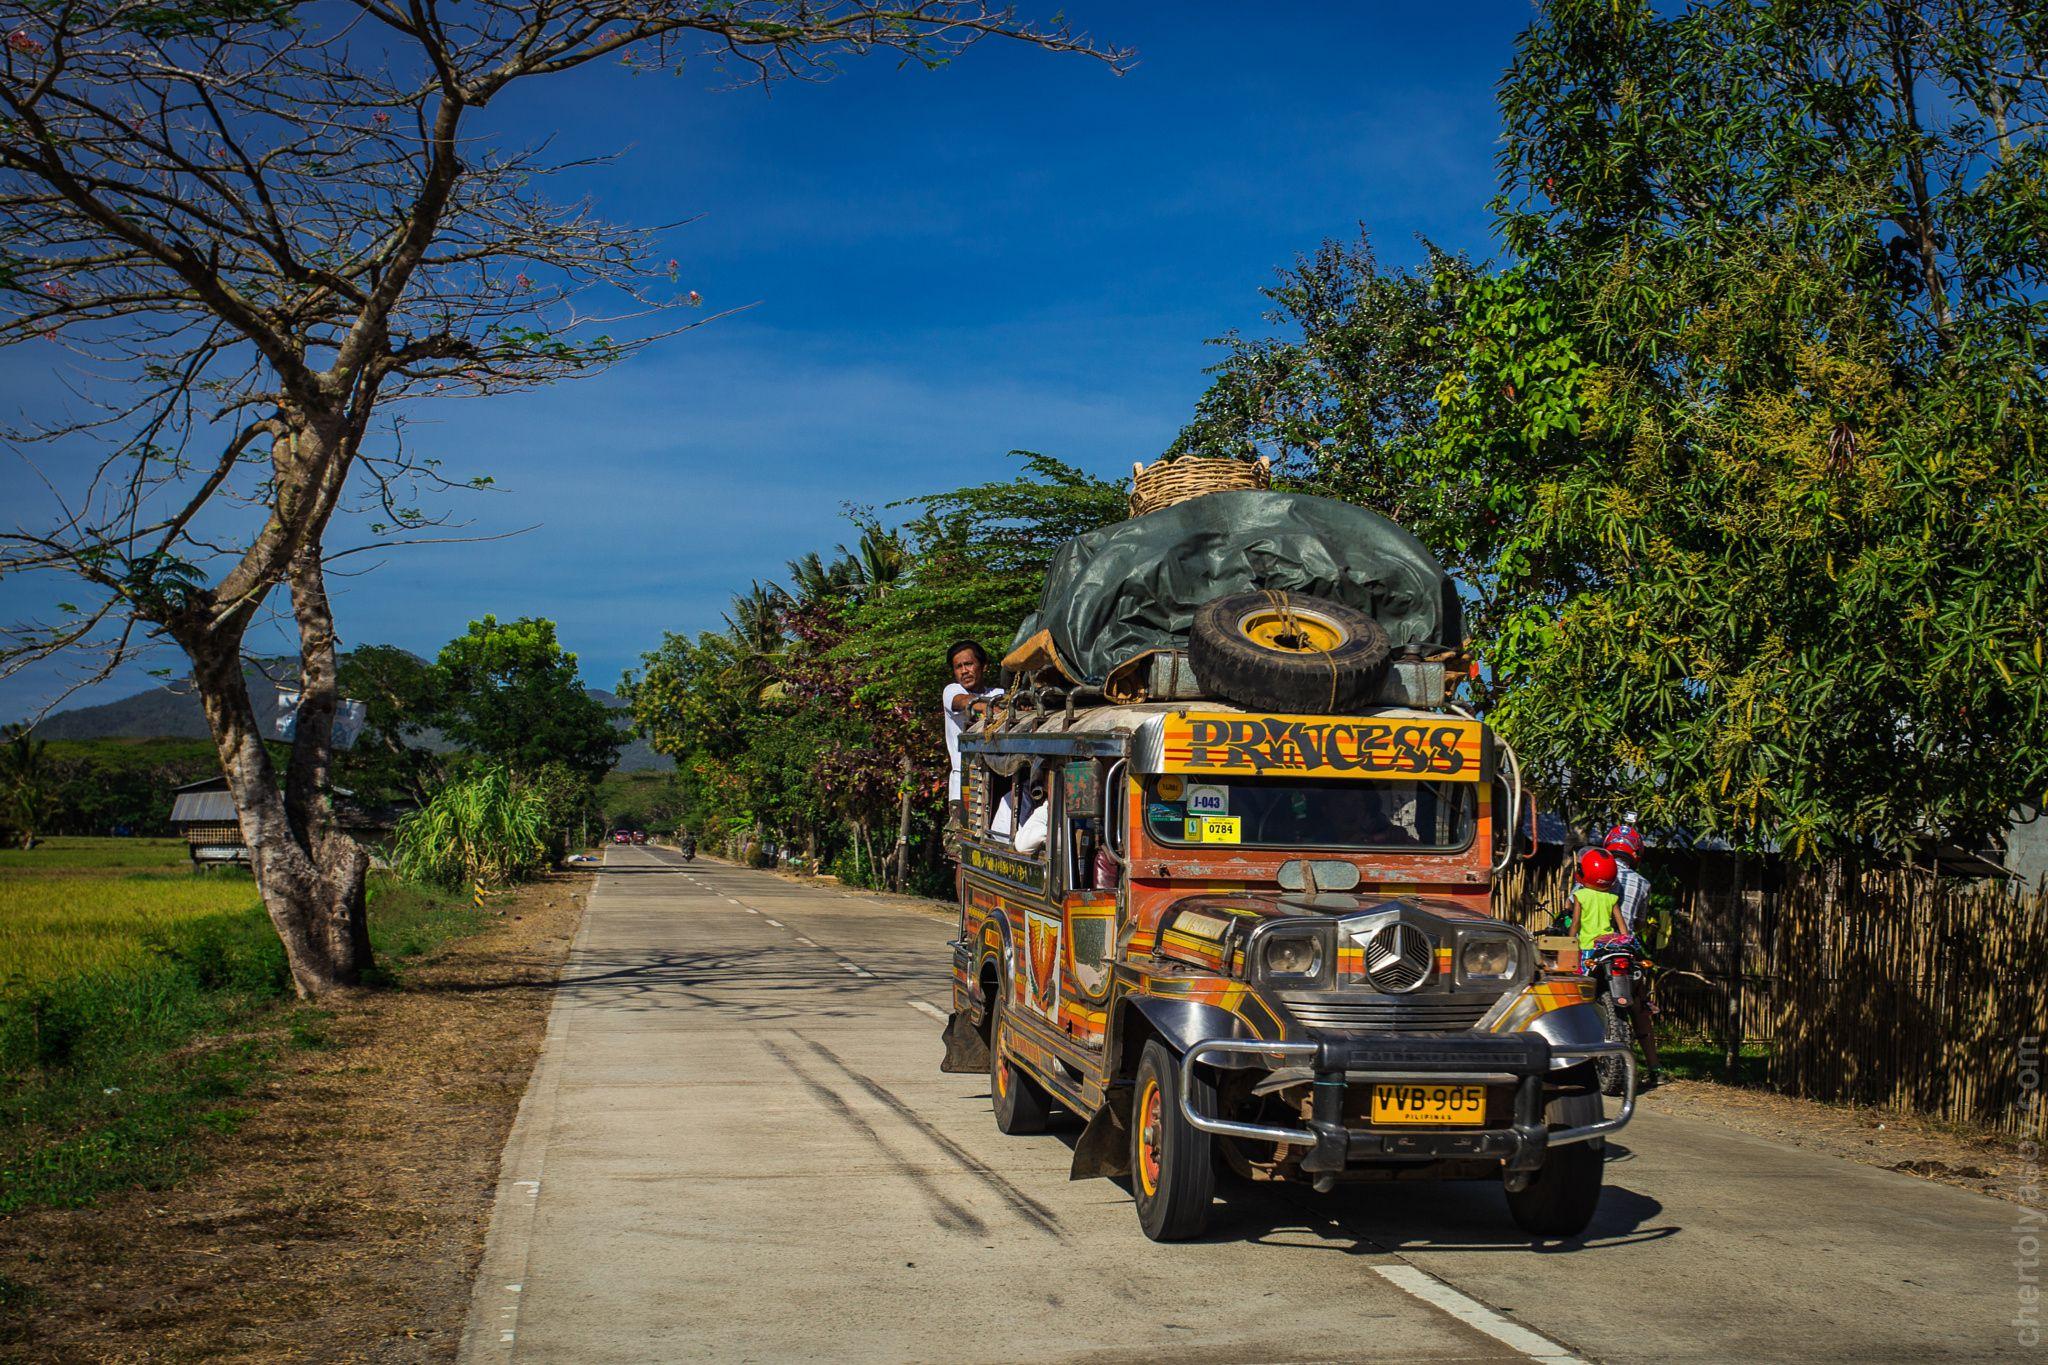 jeepney by Evgeniy Chertolyasov on 500px